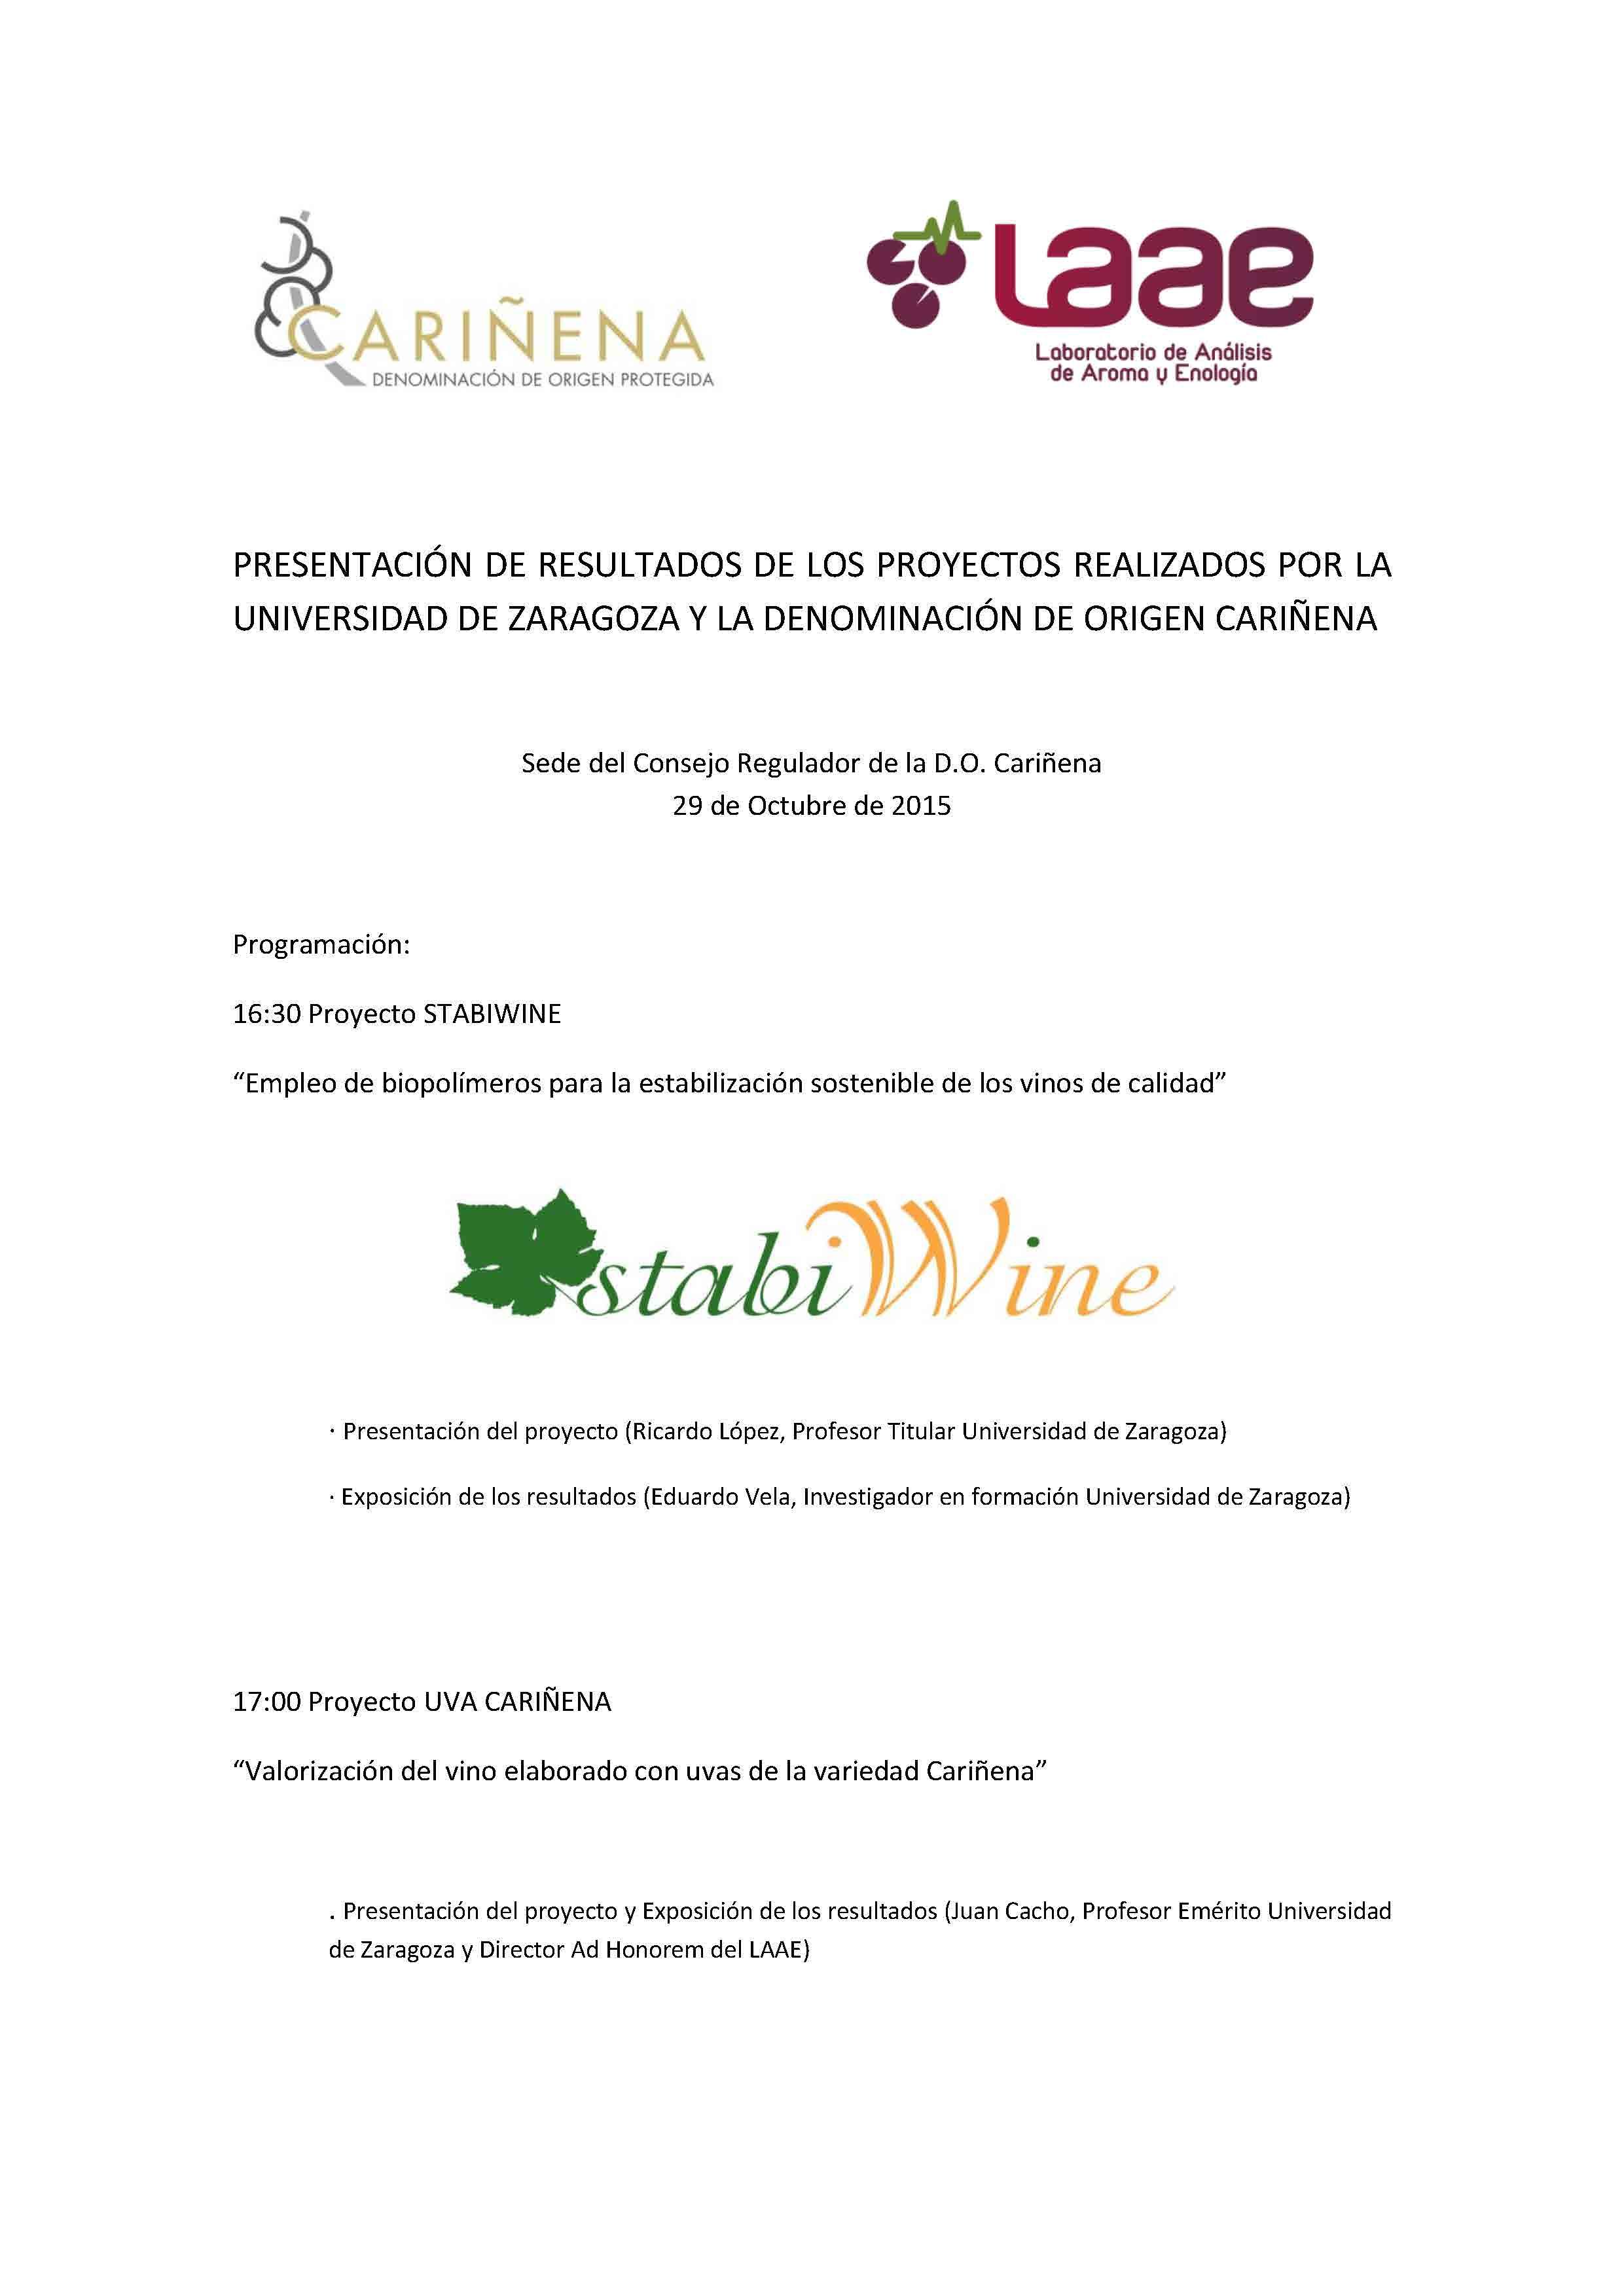 PRESENTACIÓN DE RESULTADOS DE LOS PROYECTOS REALIZADOS POR LA UNIVERSIDAD DE ZARAGOZA Y LA DENOMINACIÓN DE ORIGEN CARIÑENA (1)